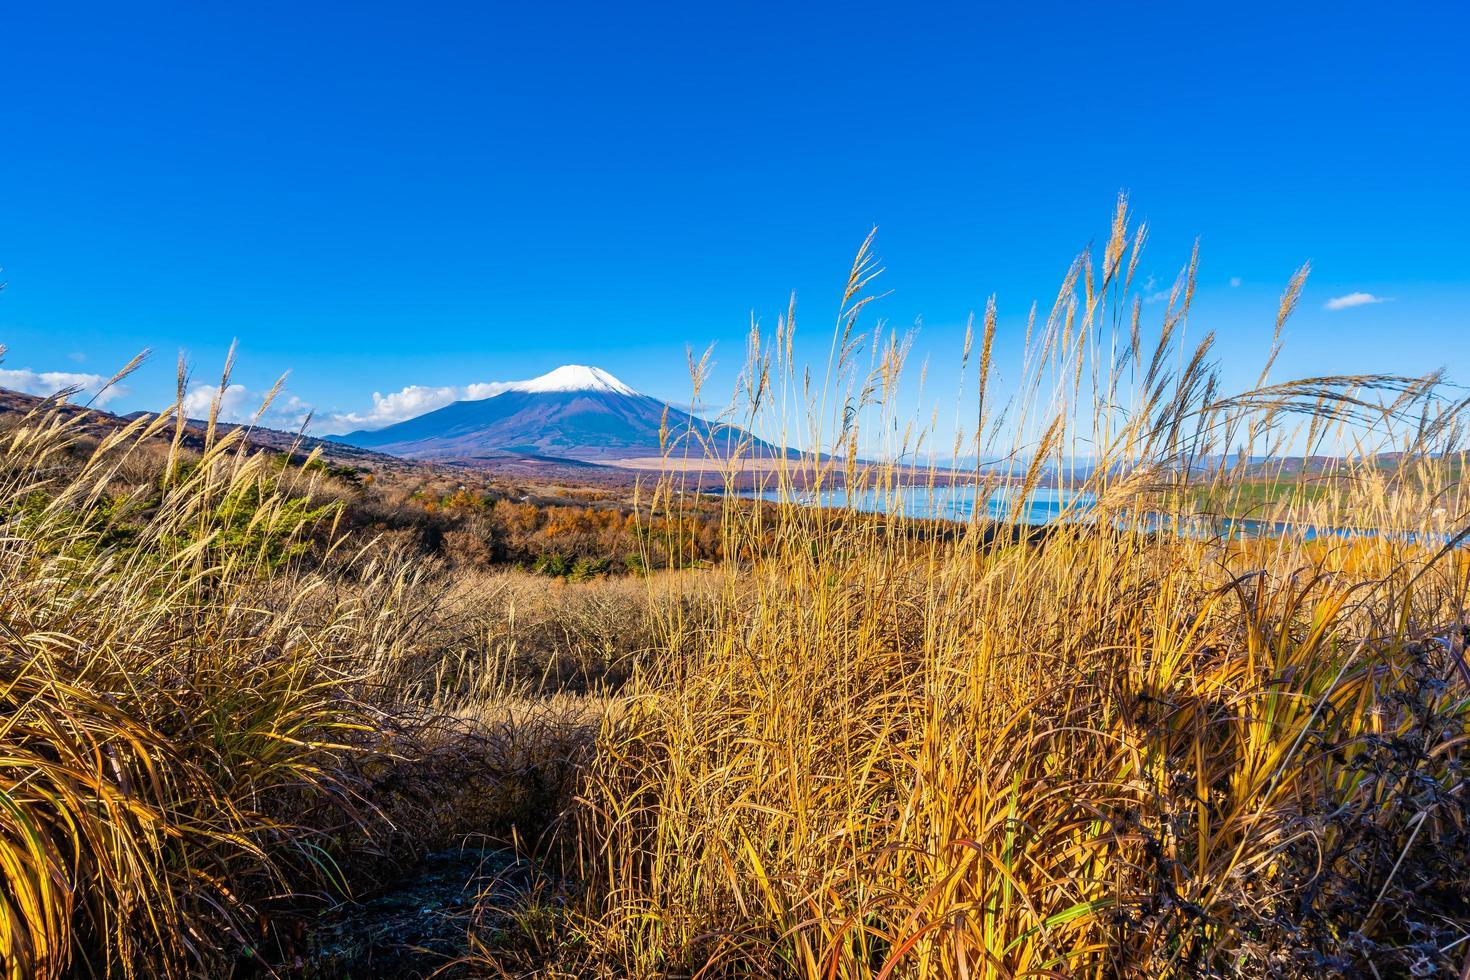 linda mt. fuji no lago yamanaka, japão foto